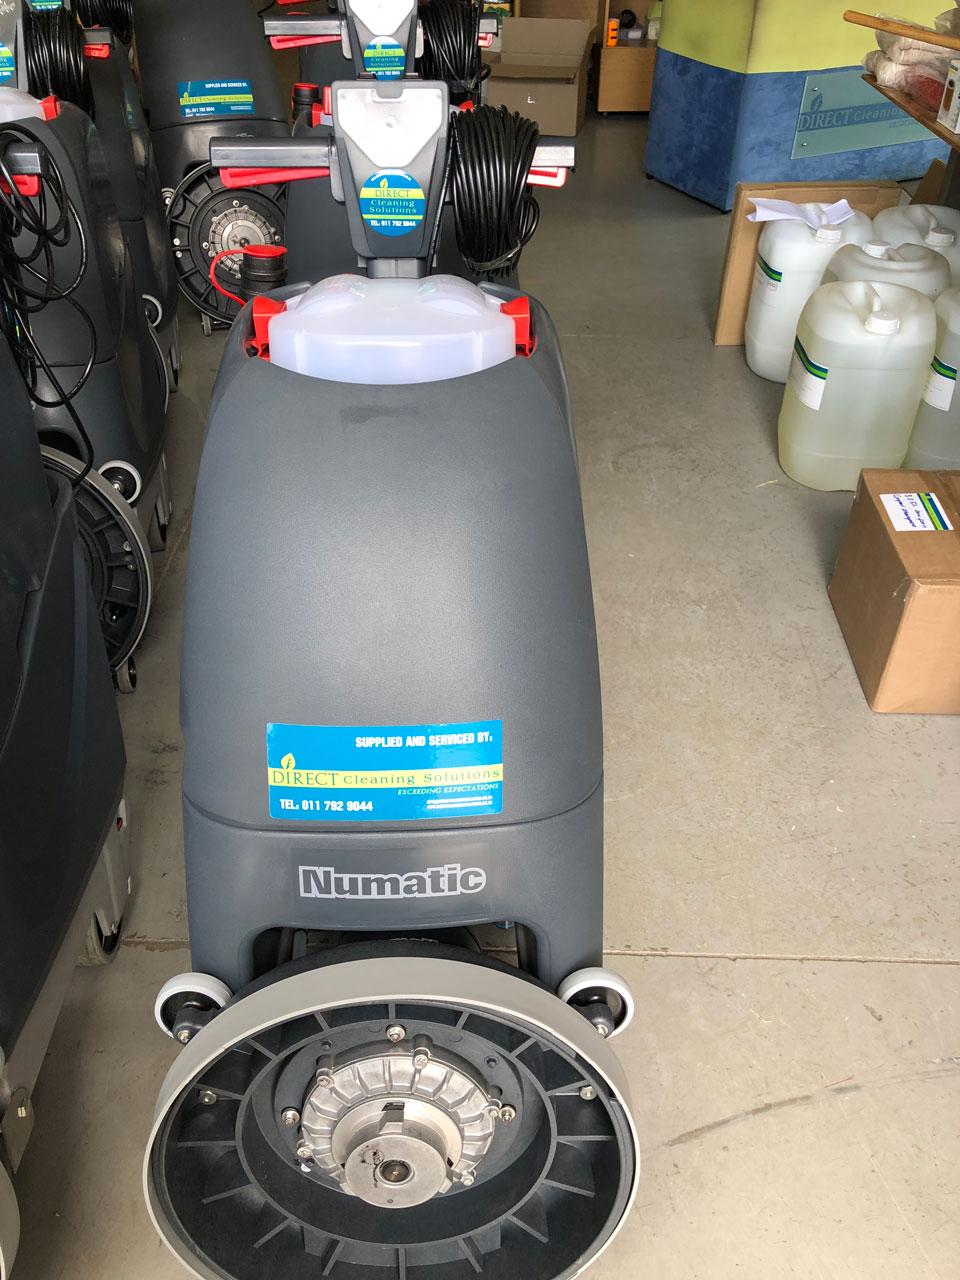 Numatic-TTB4045-Electric-Auto-Scrubbers-1